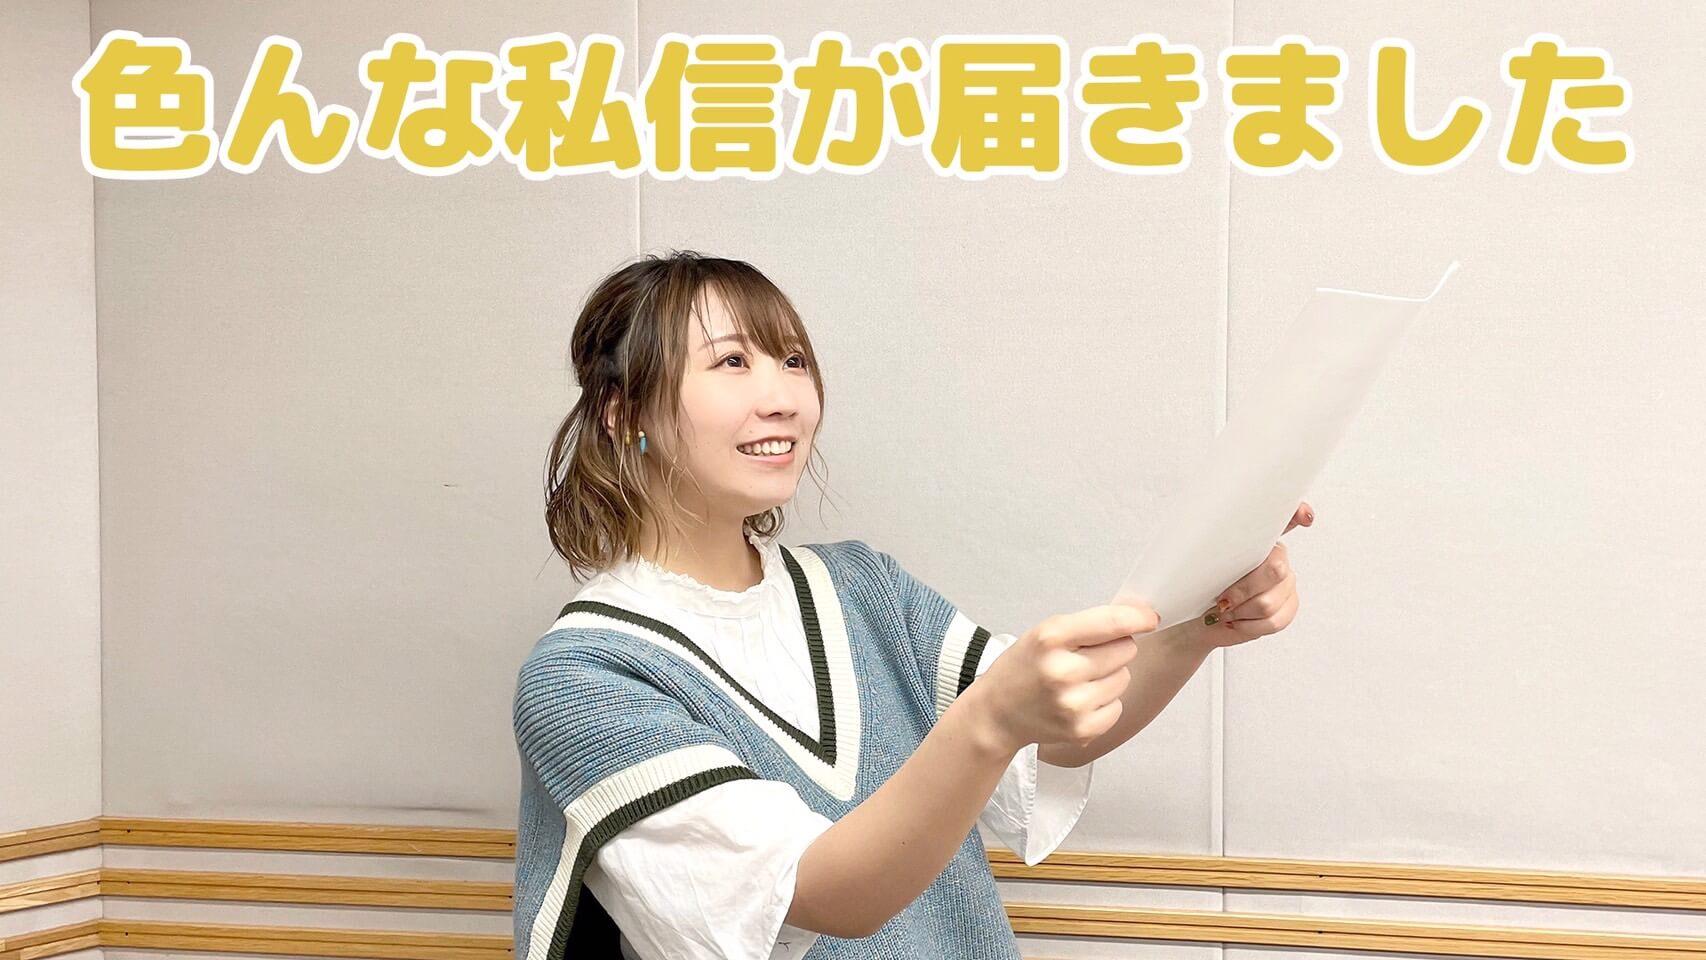 夏川さんに、色んな私信が届きました!